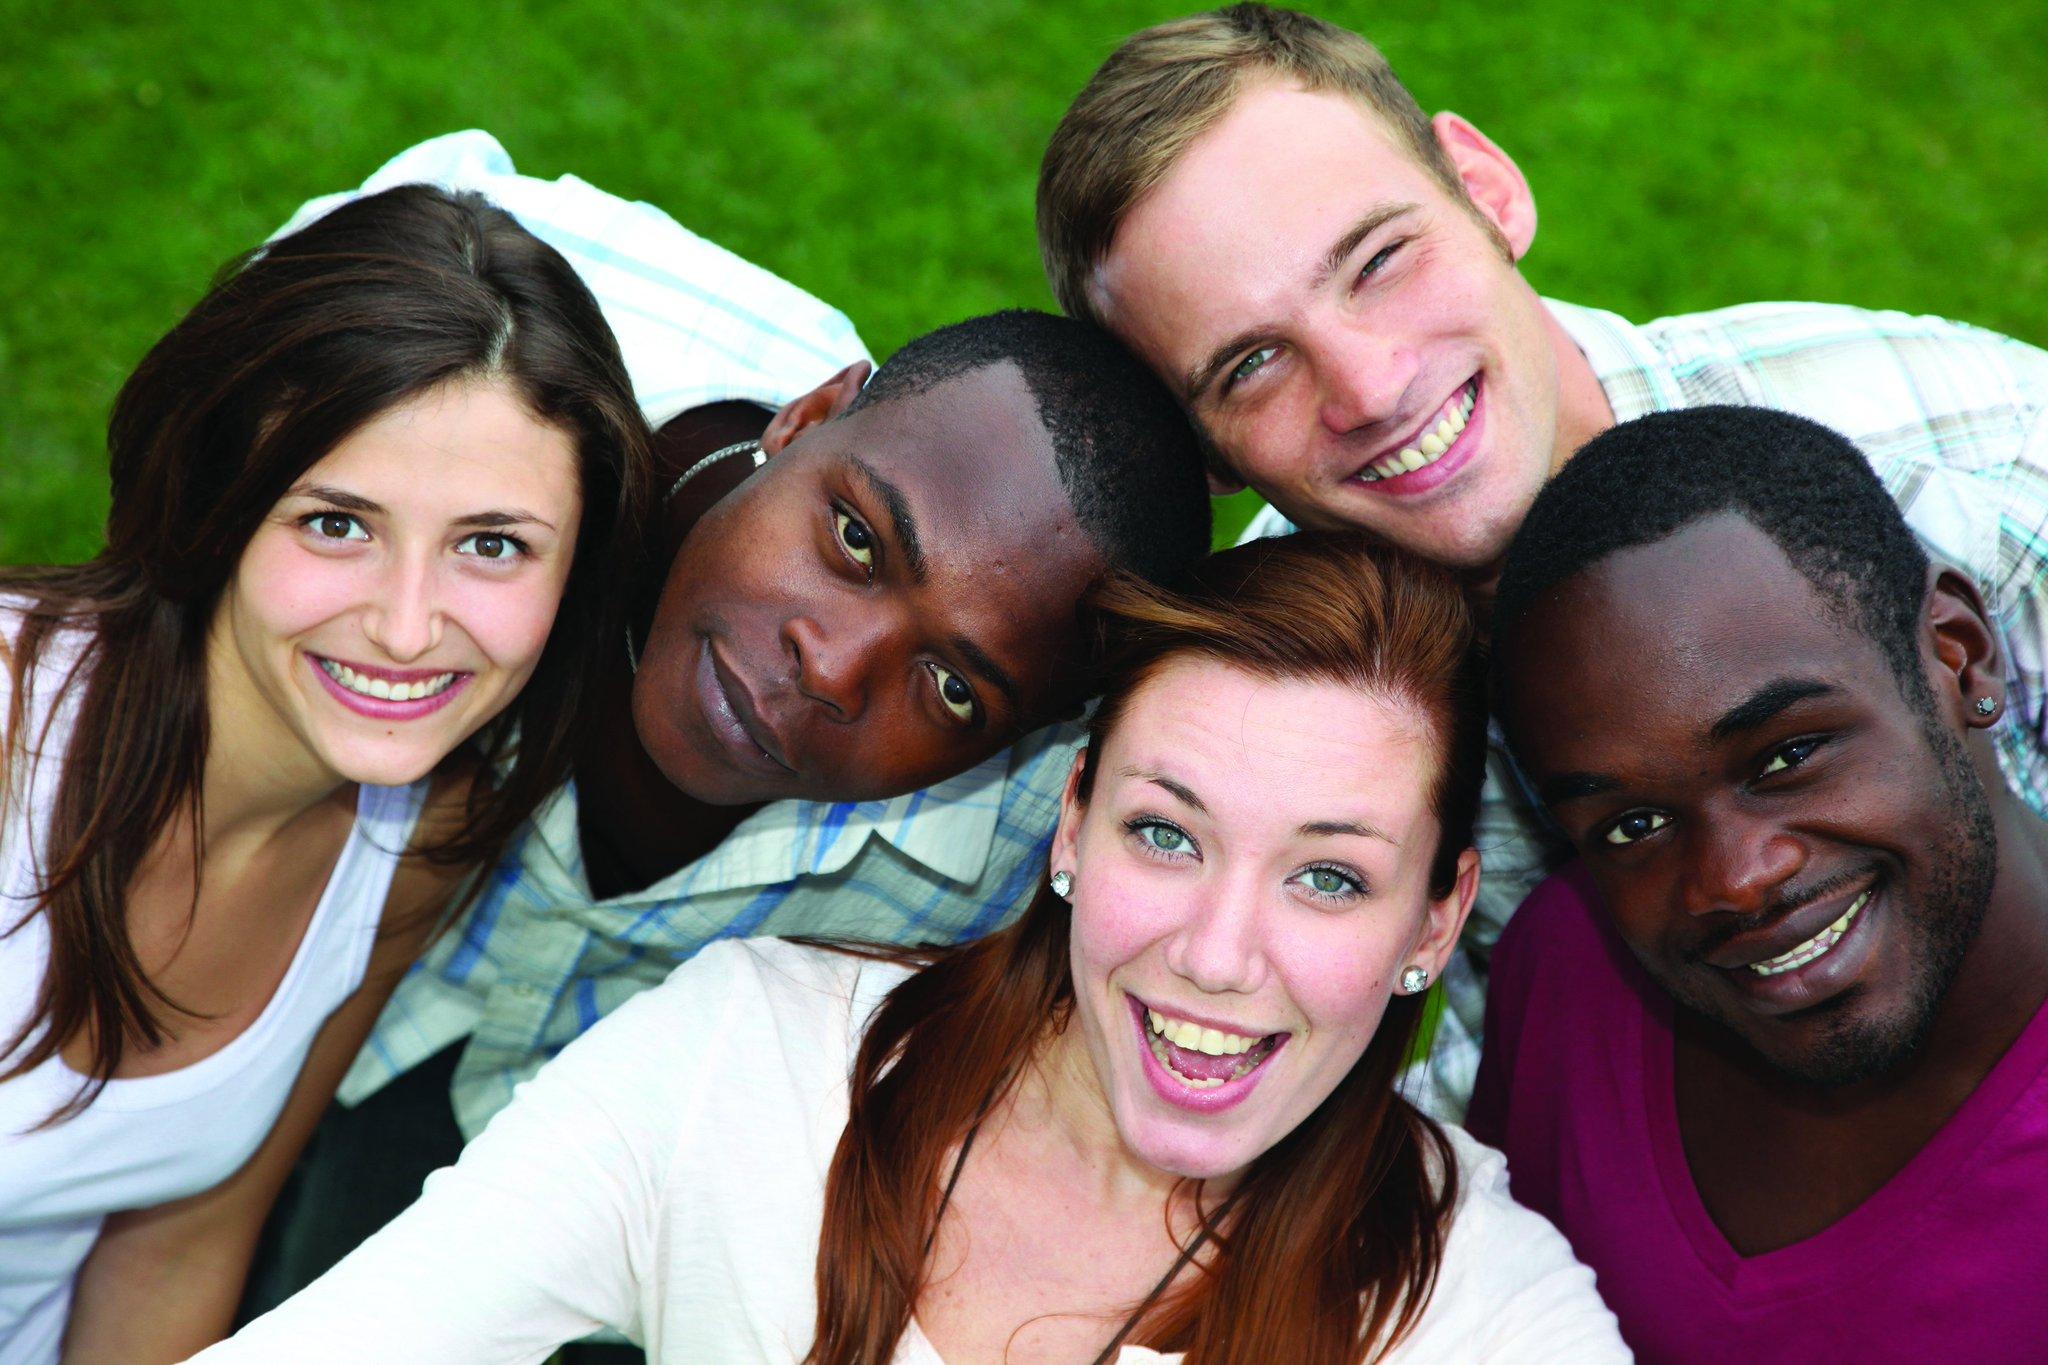 потру живот фото молодых людей разной национальности для разжигания